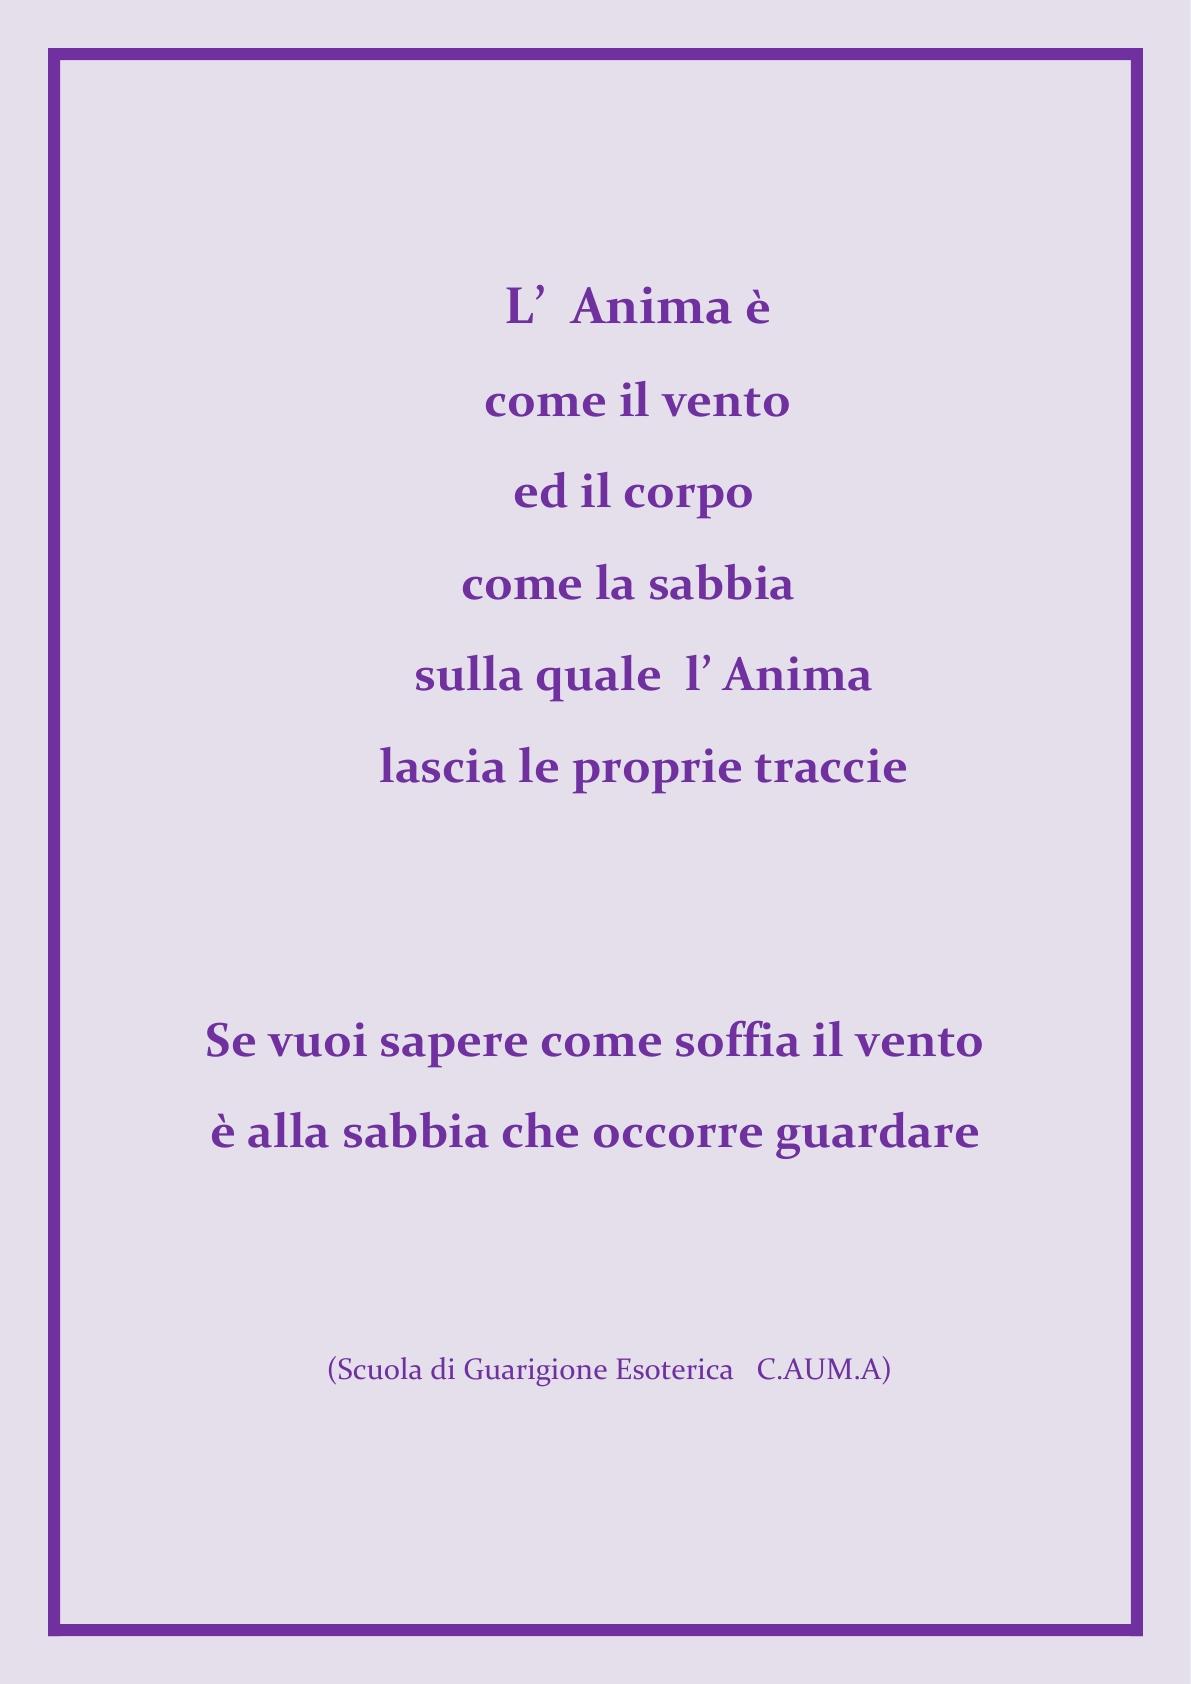 ALI  L'ANIMA è _17apr2015